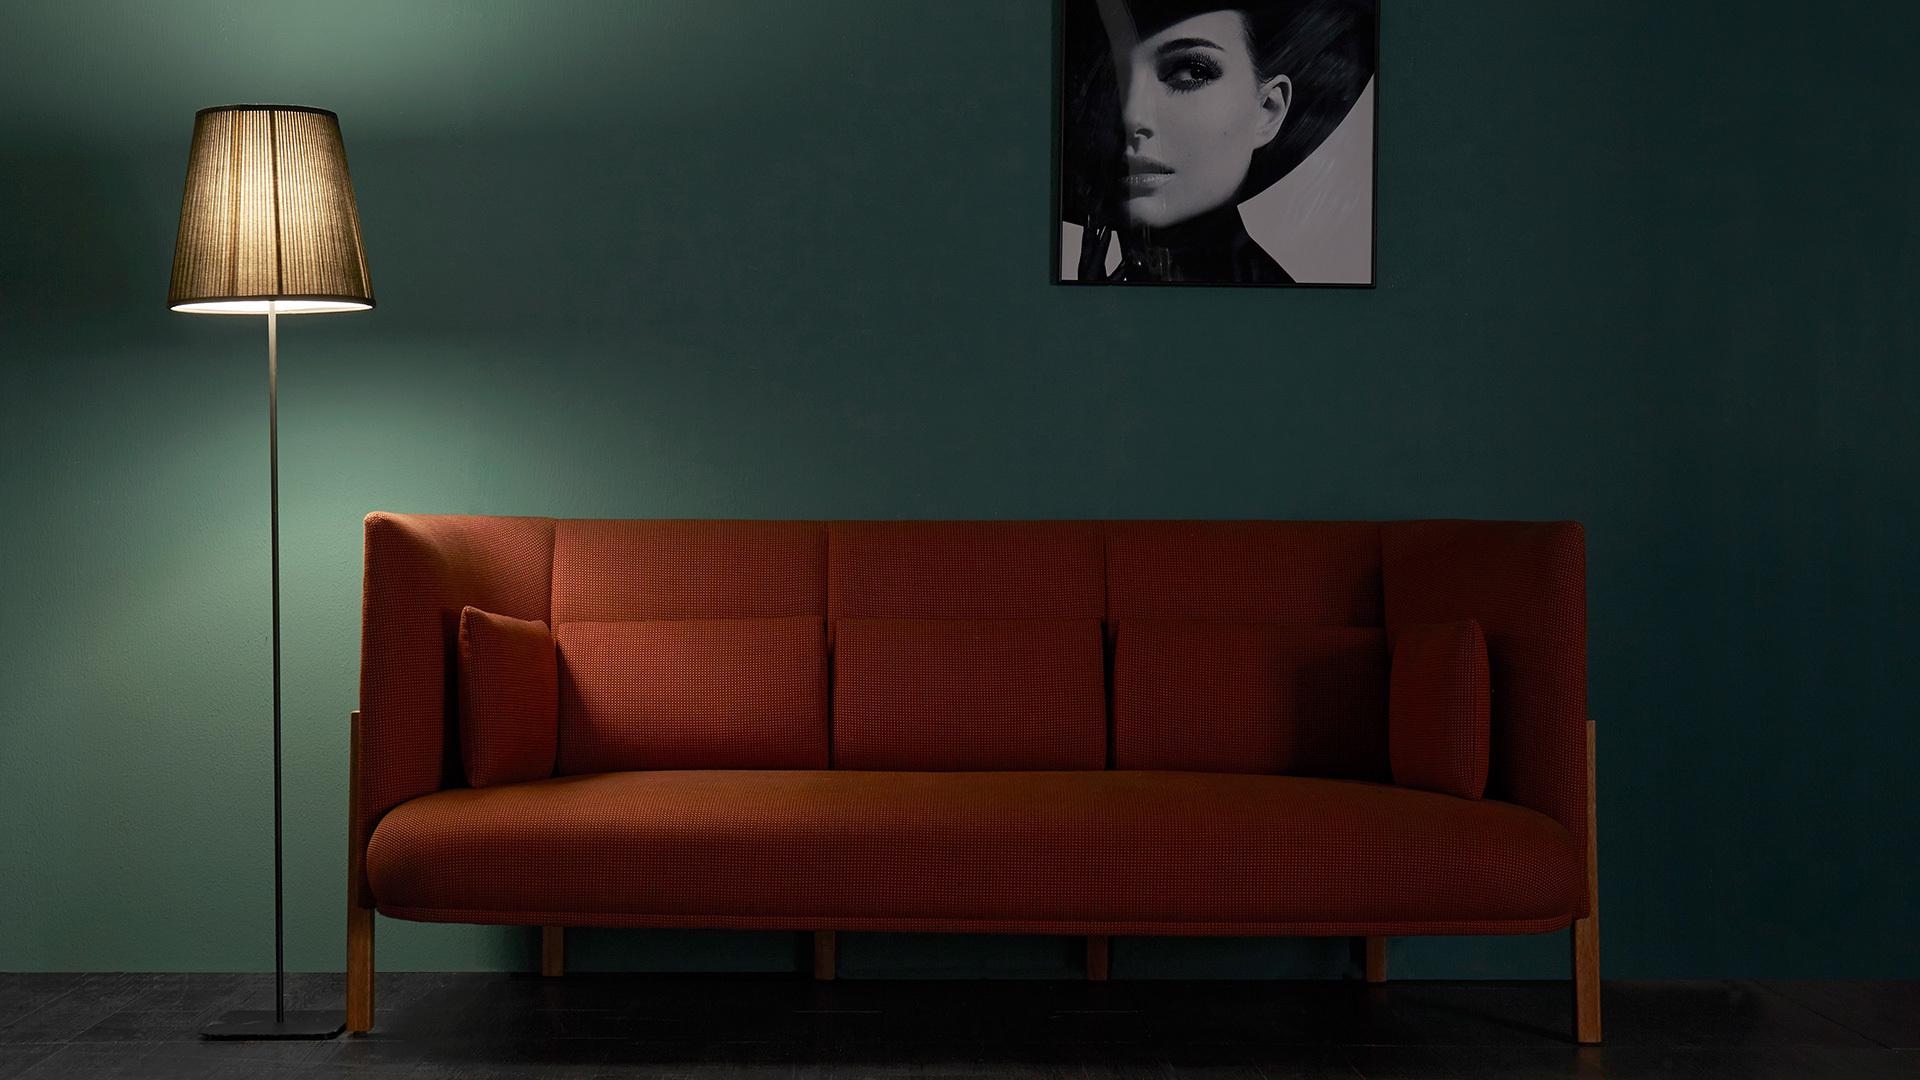 衬着迷蒙的光影,再用装饰画拉起格调,整个客厅氤氲复古又当代的气质。一人专享还是host派对,都是大写的优质品位。